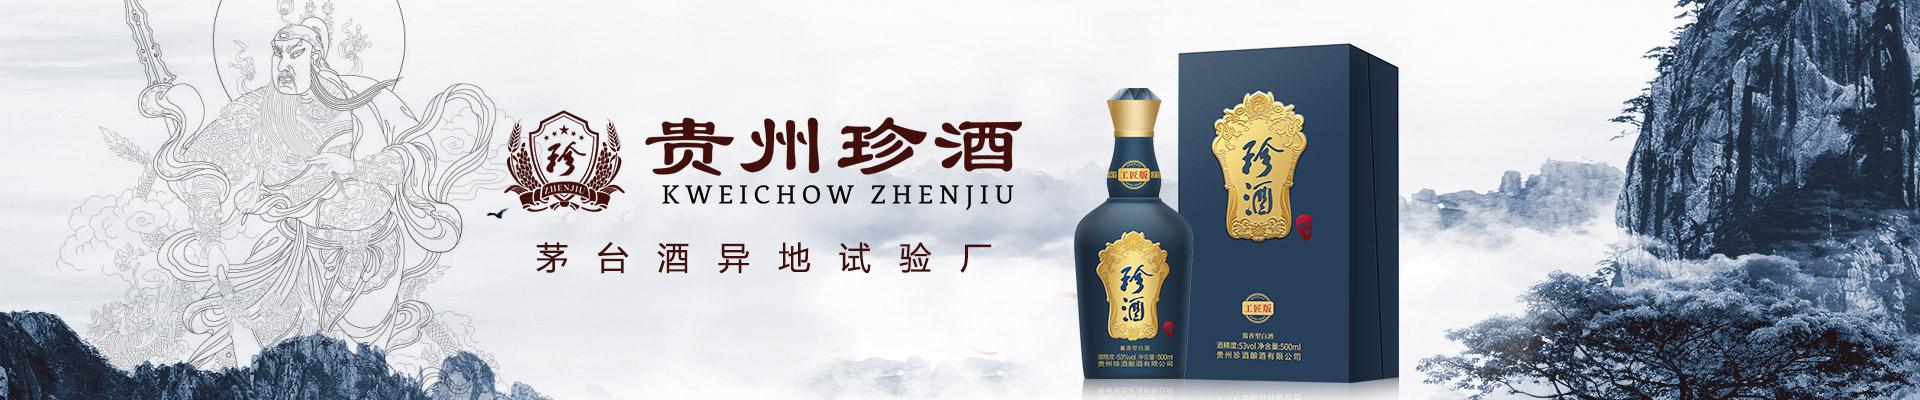 贵州天蕴酒业